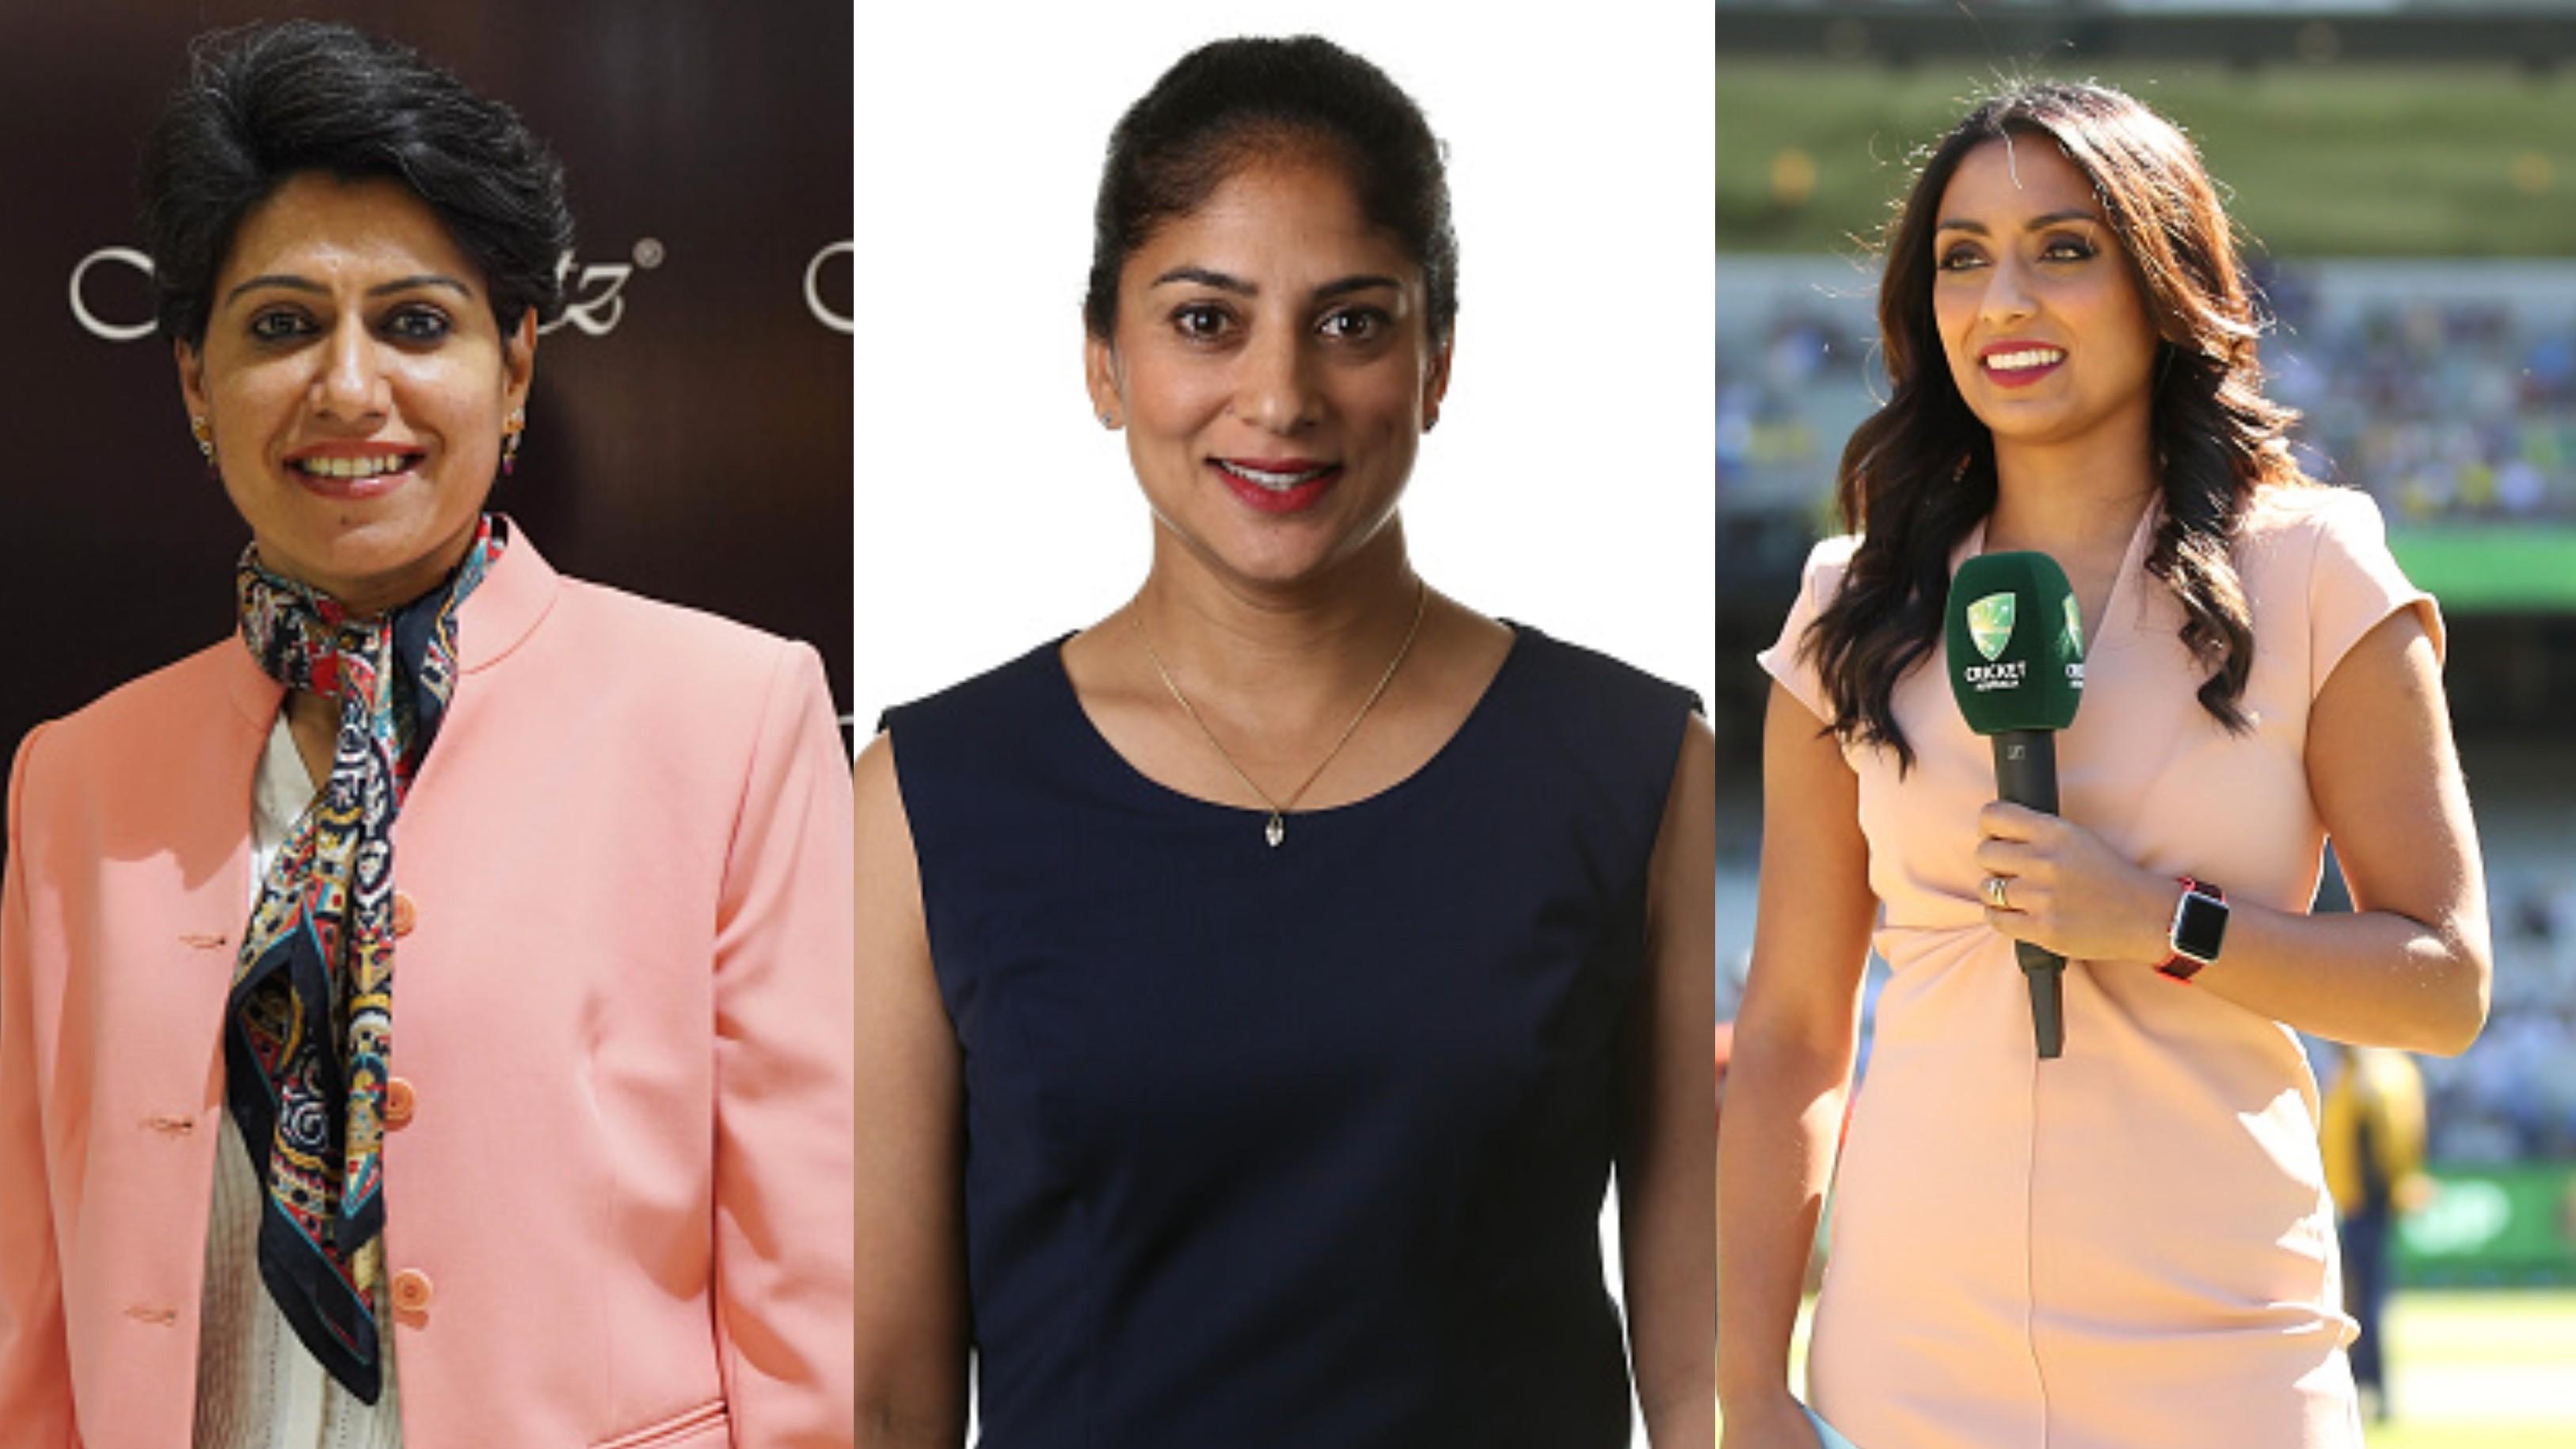 WATCH - Isa Guha, Lisa Sthalekar and Anjum Chopra have a message for fans amid COVID-19 crisis